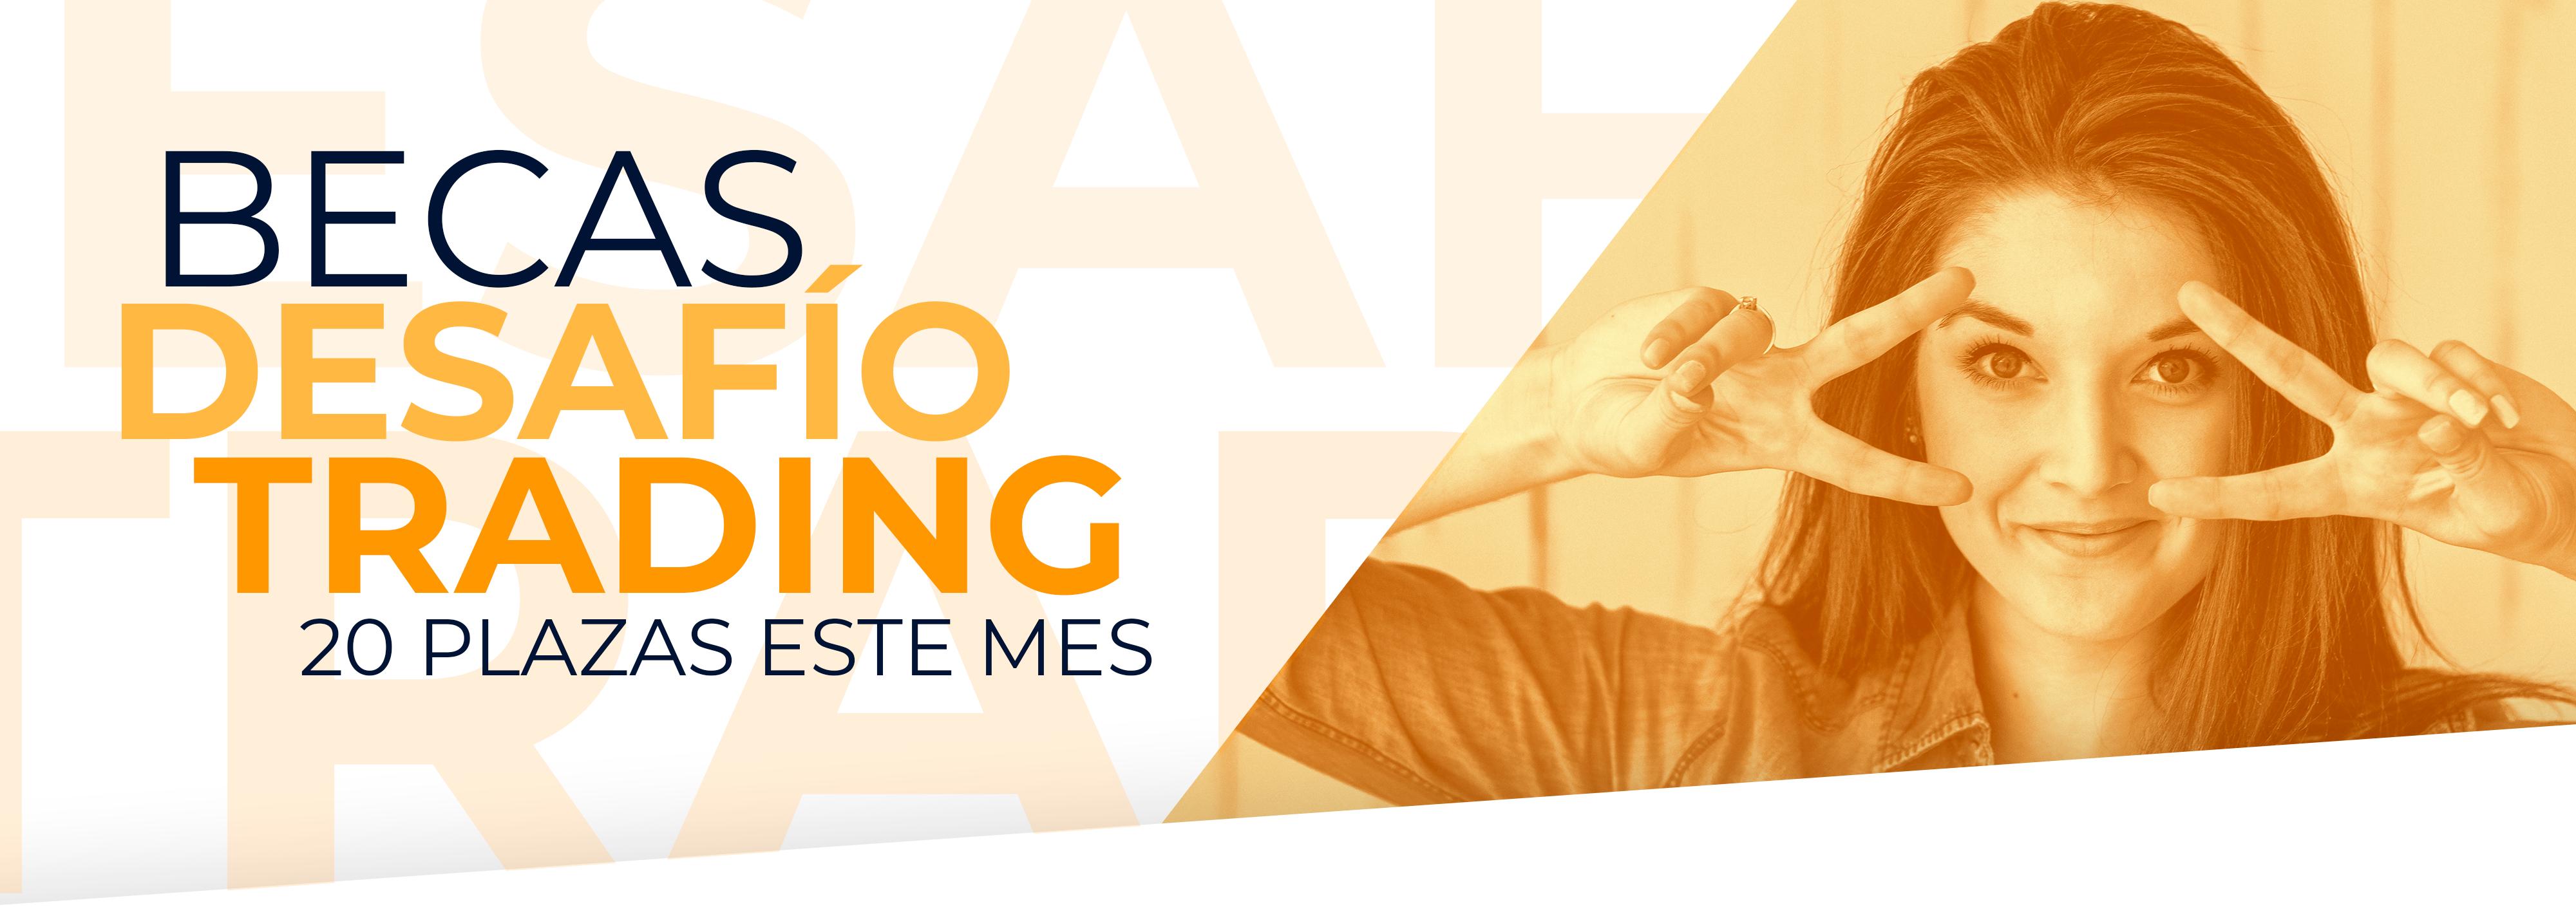 DESAFIO_TRADING_LARGO (2)